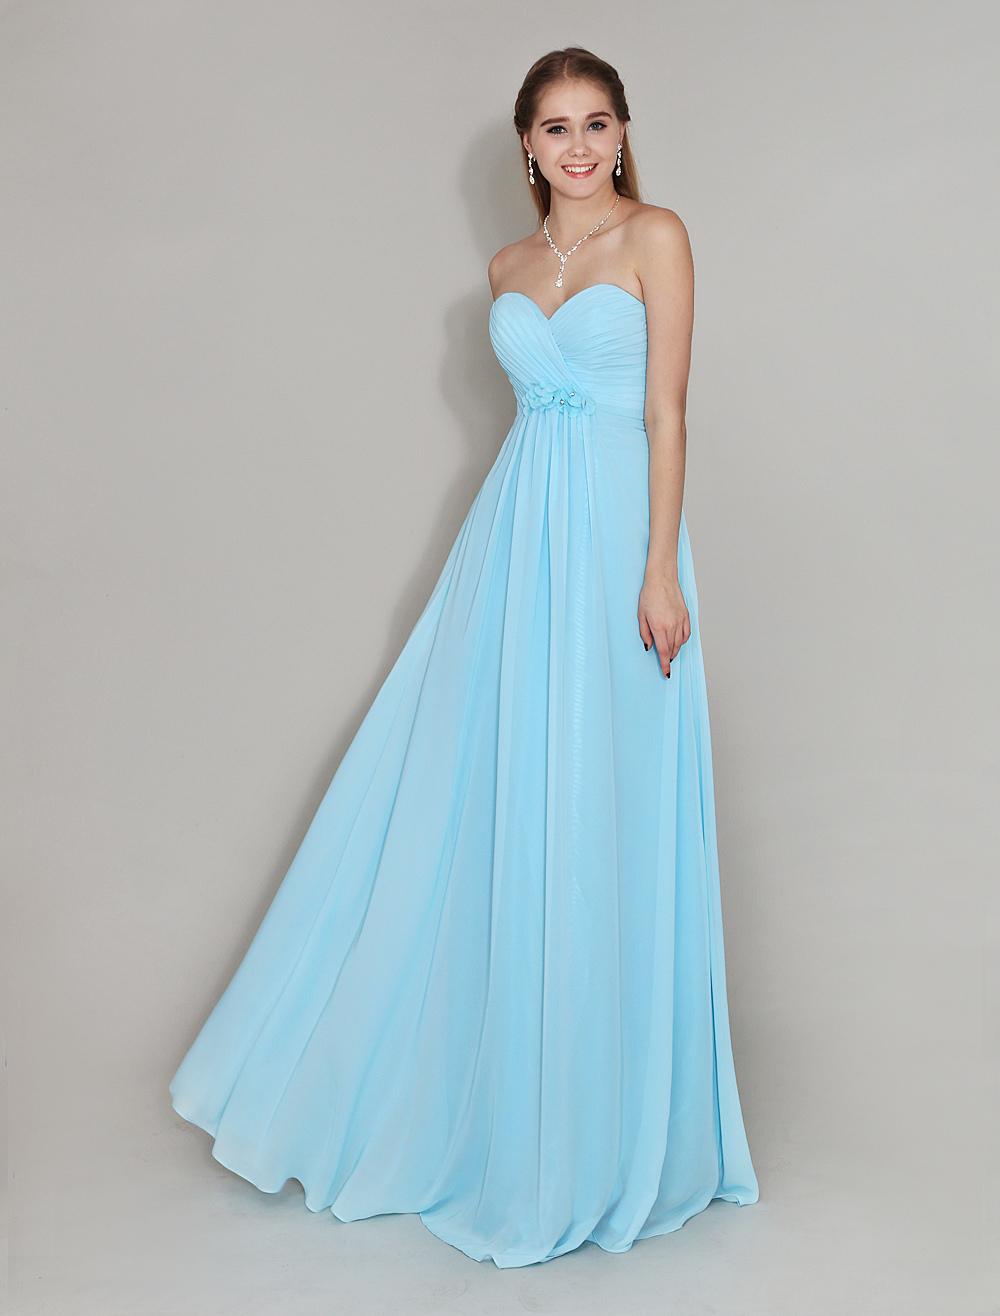 top robes blog robe fille d 39 honneur bleu turquoise. Black Bedroom Furniture Sets. Home Design Ideas